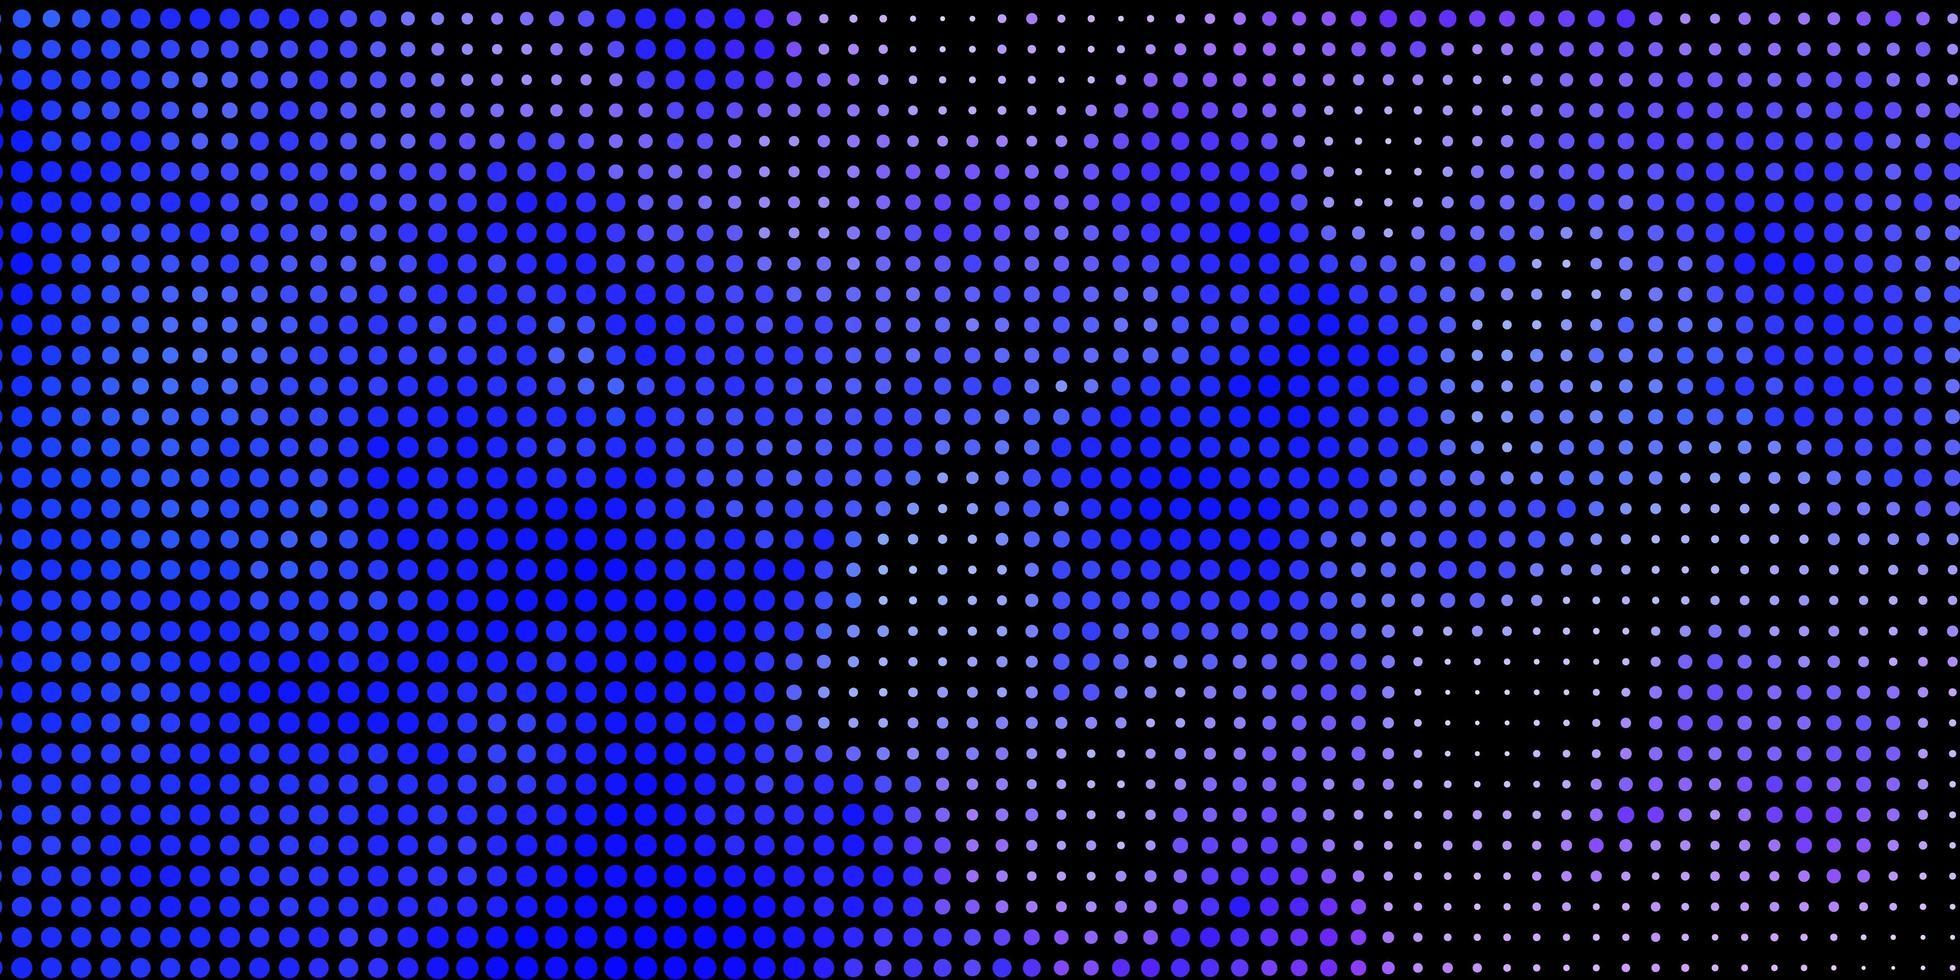 blå bakgrund med prickar. vektor